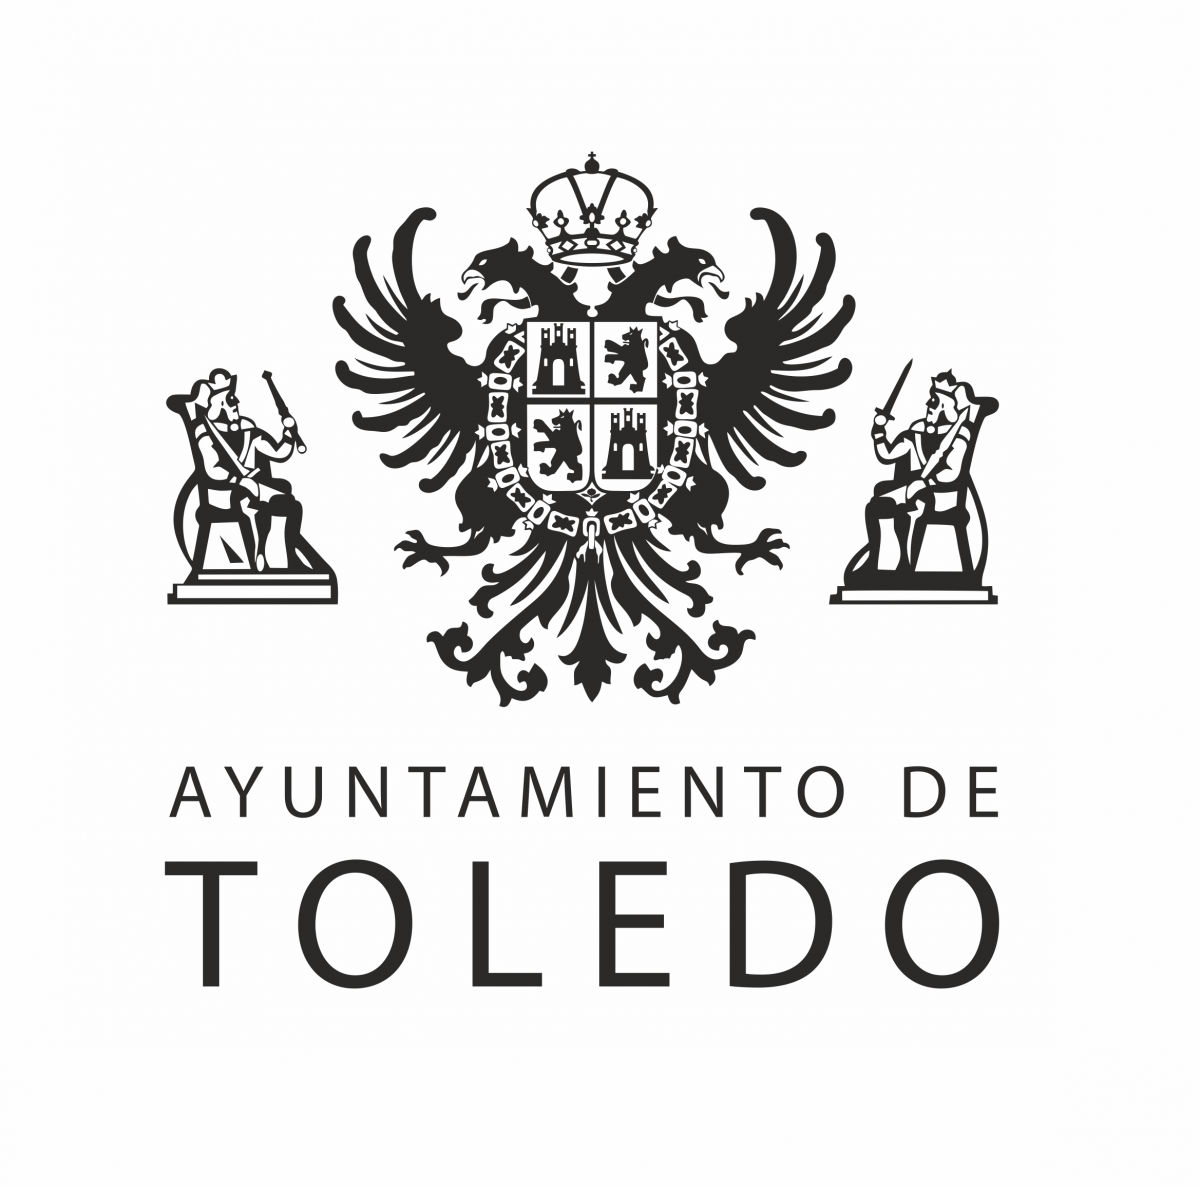 https://www.toledo.es/wp-content/uploads/2021/07/escudo-ayuntamiento-de-toledo-cuadrado-1200x1186.png. El Ayuntamiento aprueba medio millón de euros inicial para actuaciones derivadas de las inundaciones producidas por DANA